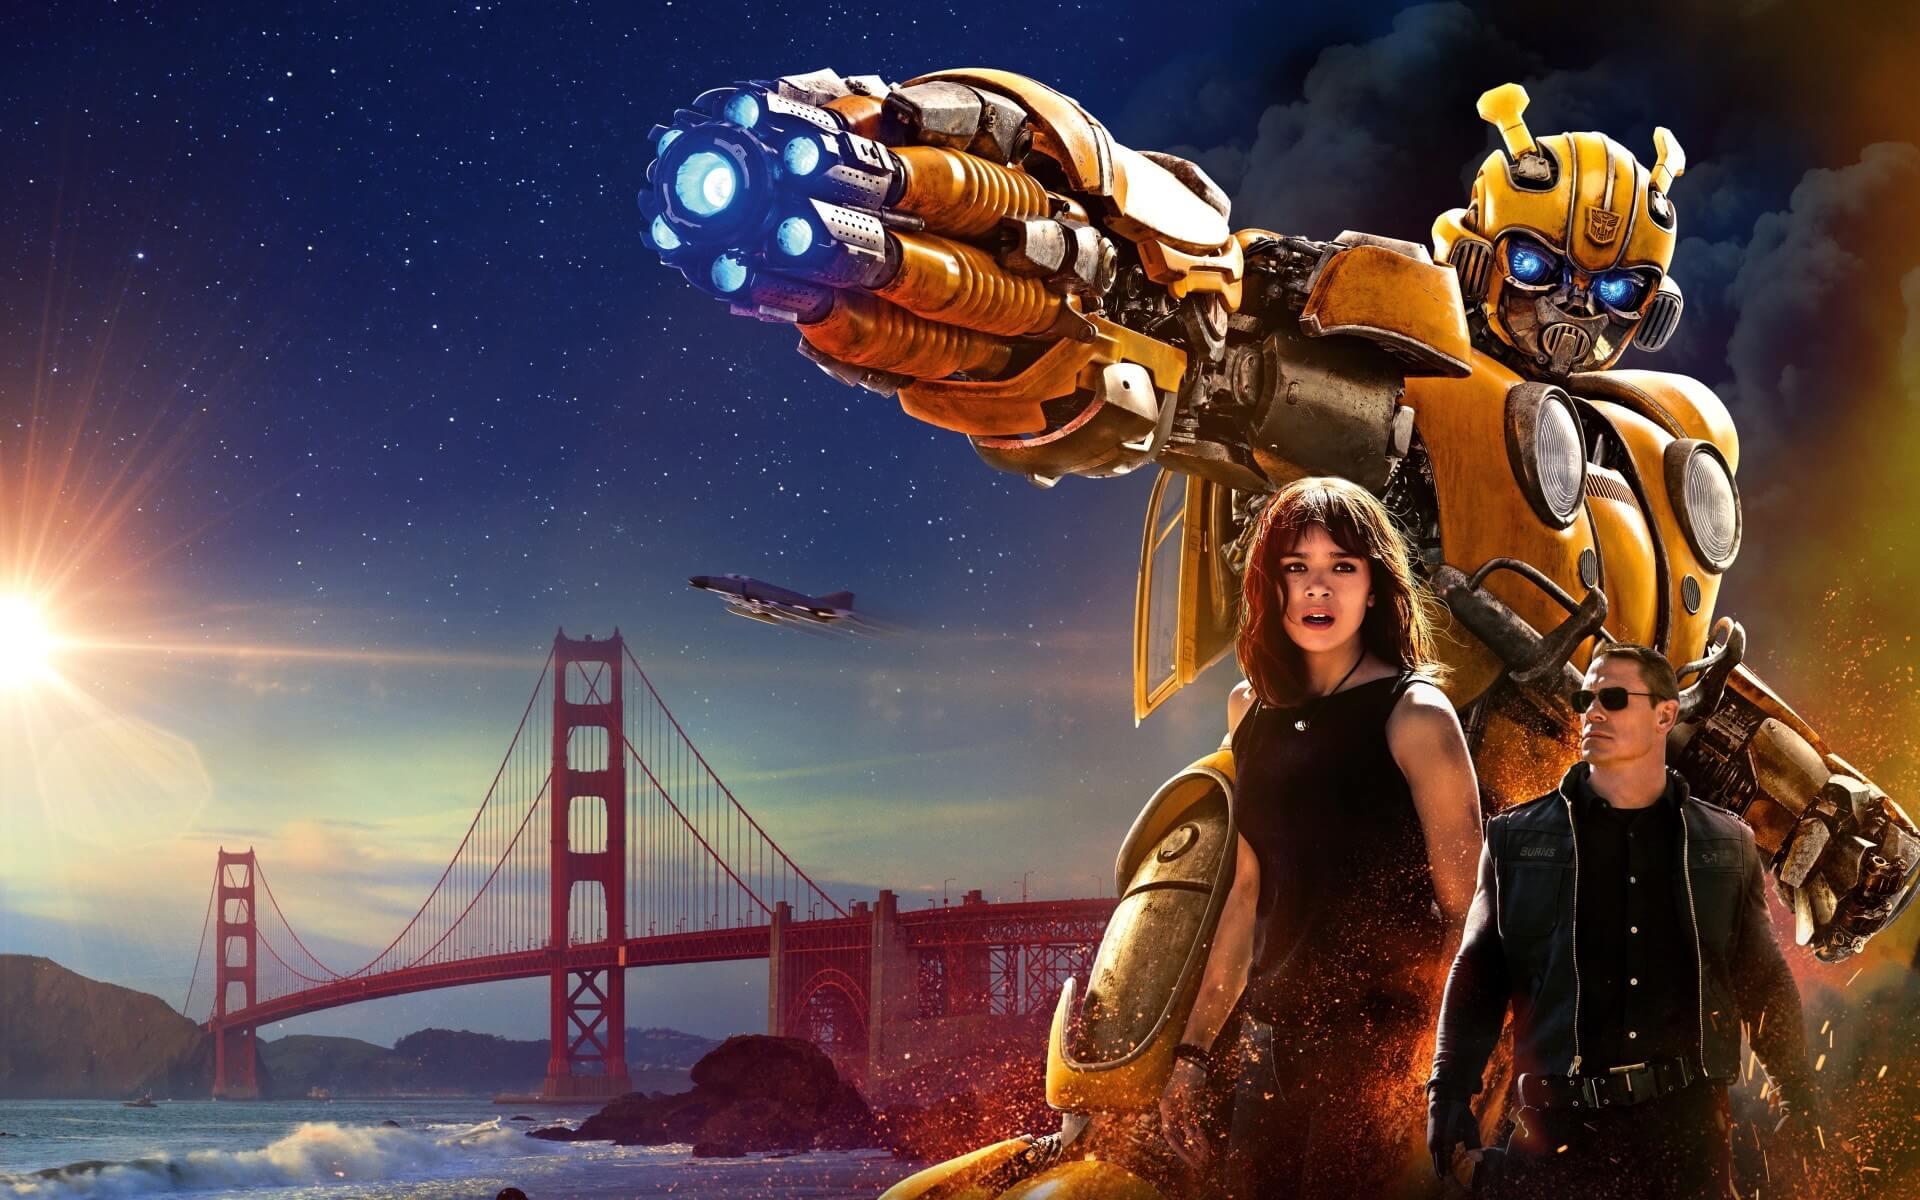 「江西男」約翰希南表示自己在《大黃蜂》演出的角色與原劇本中有所差異。